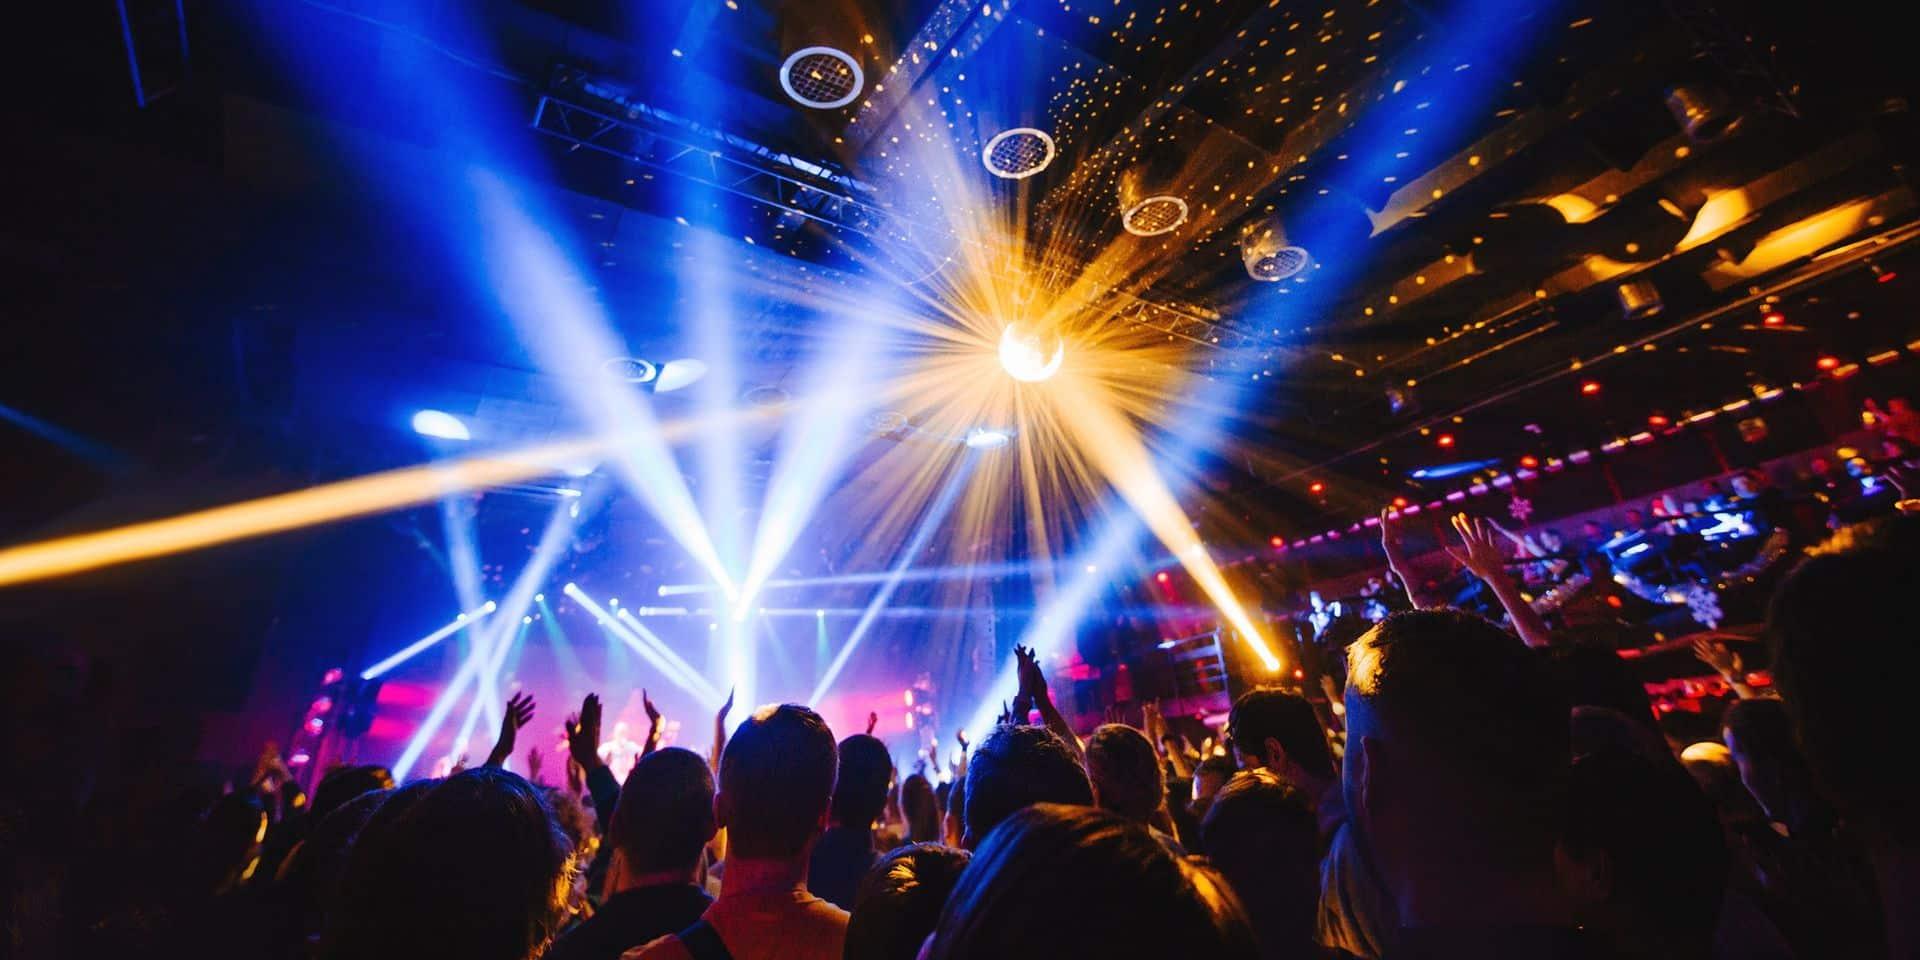 Jour J pour la réouverture des discothèques en France... mais la plupart resteront fermées